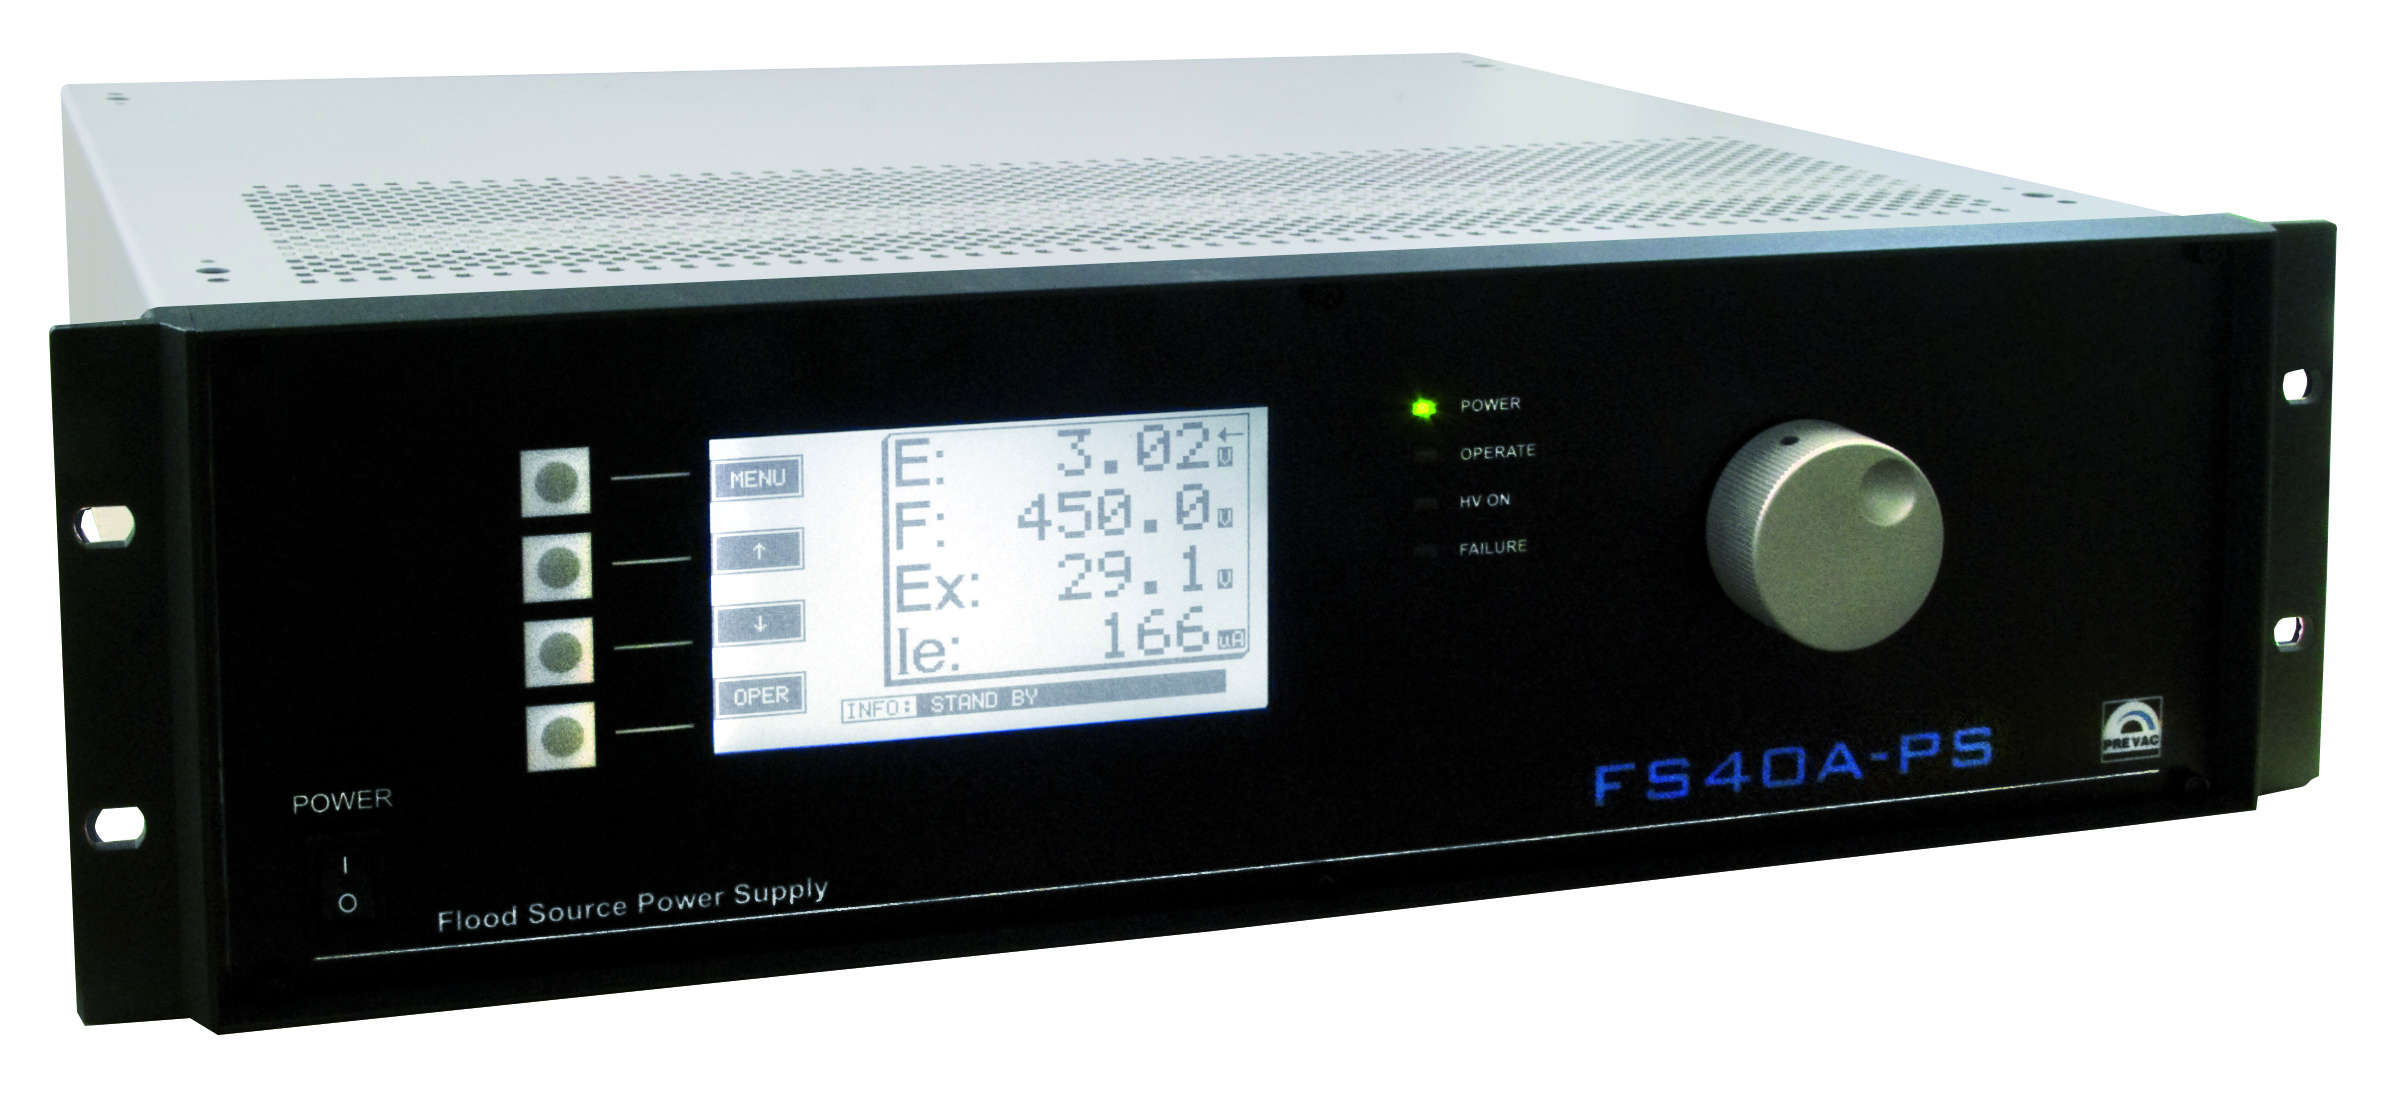 FS40A-PS